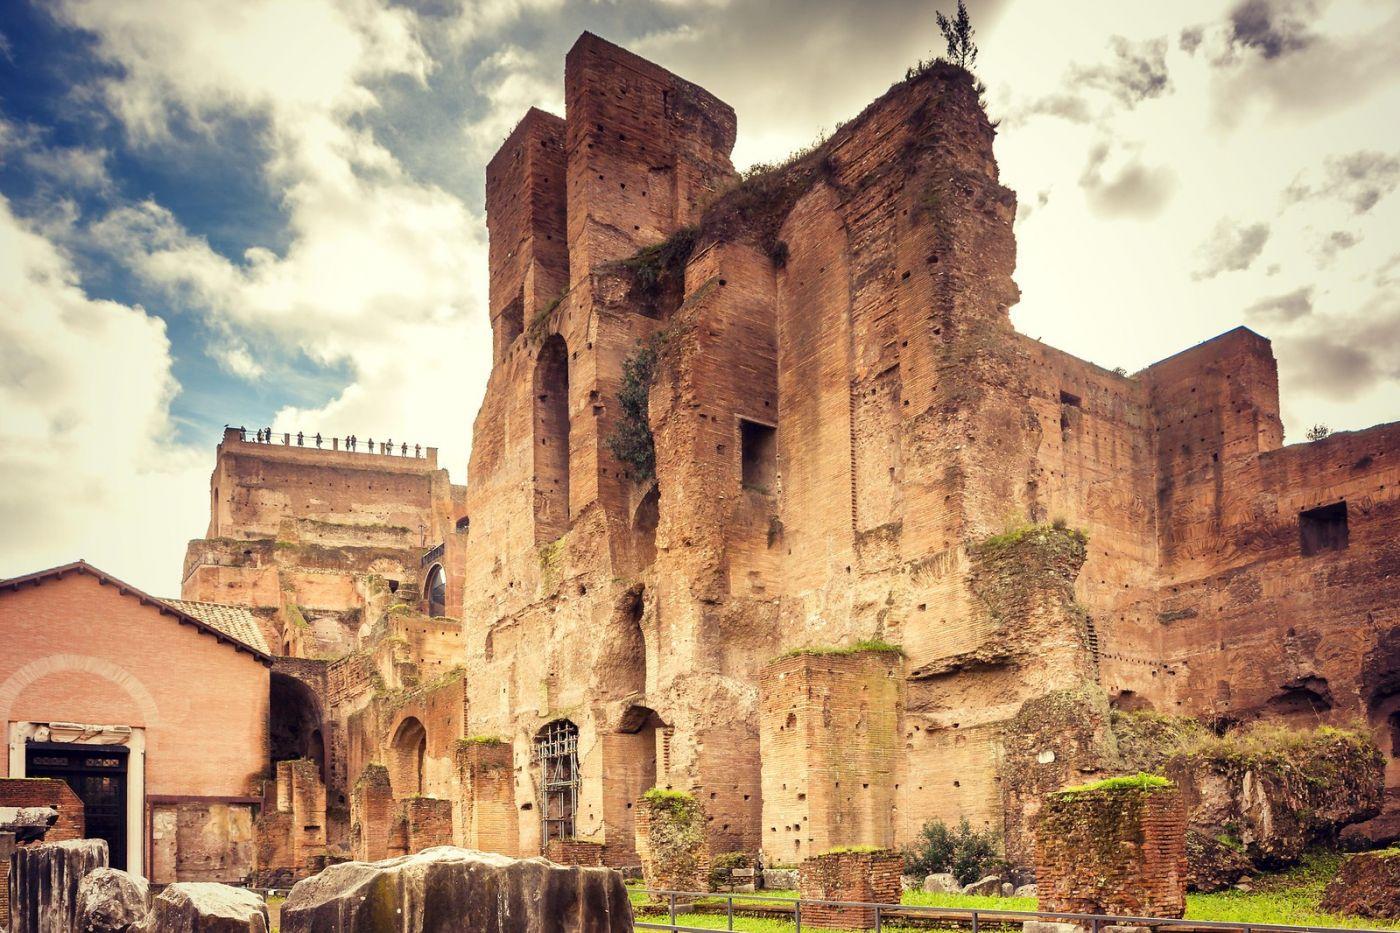 意大利罗马论坛,很敬佩_图1-12